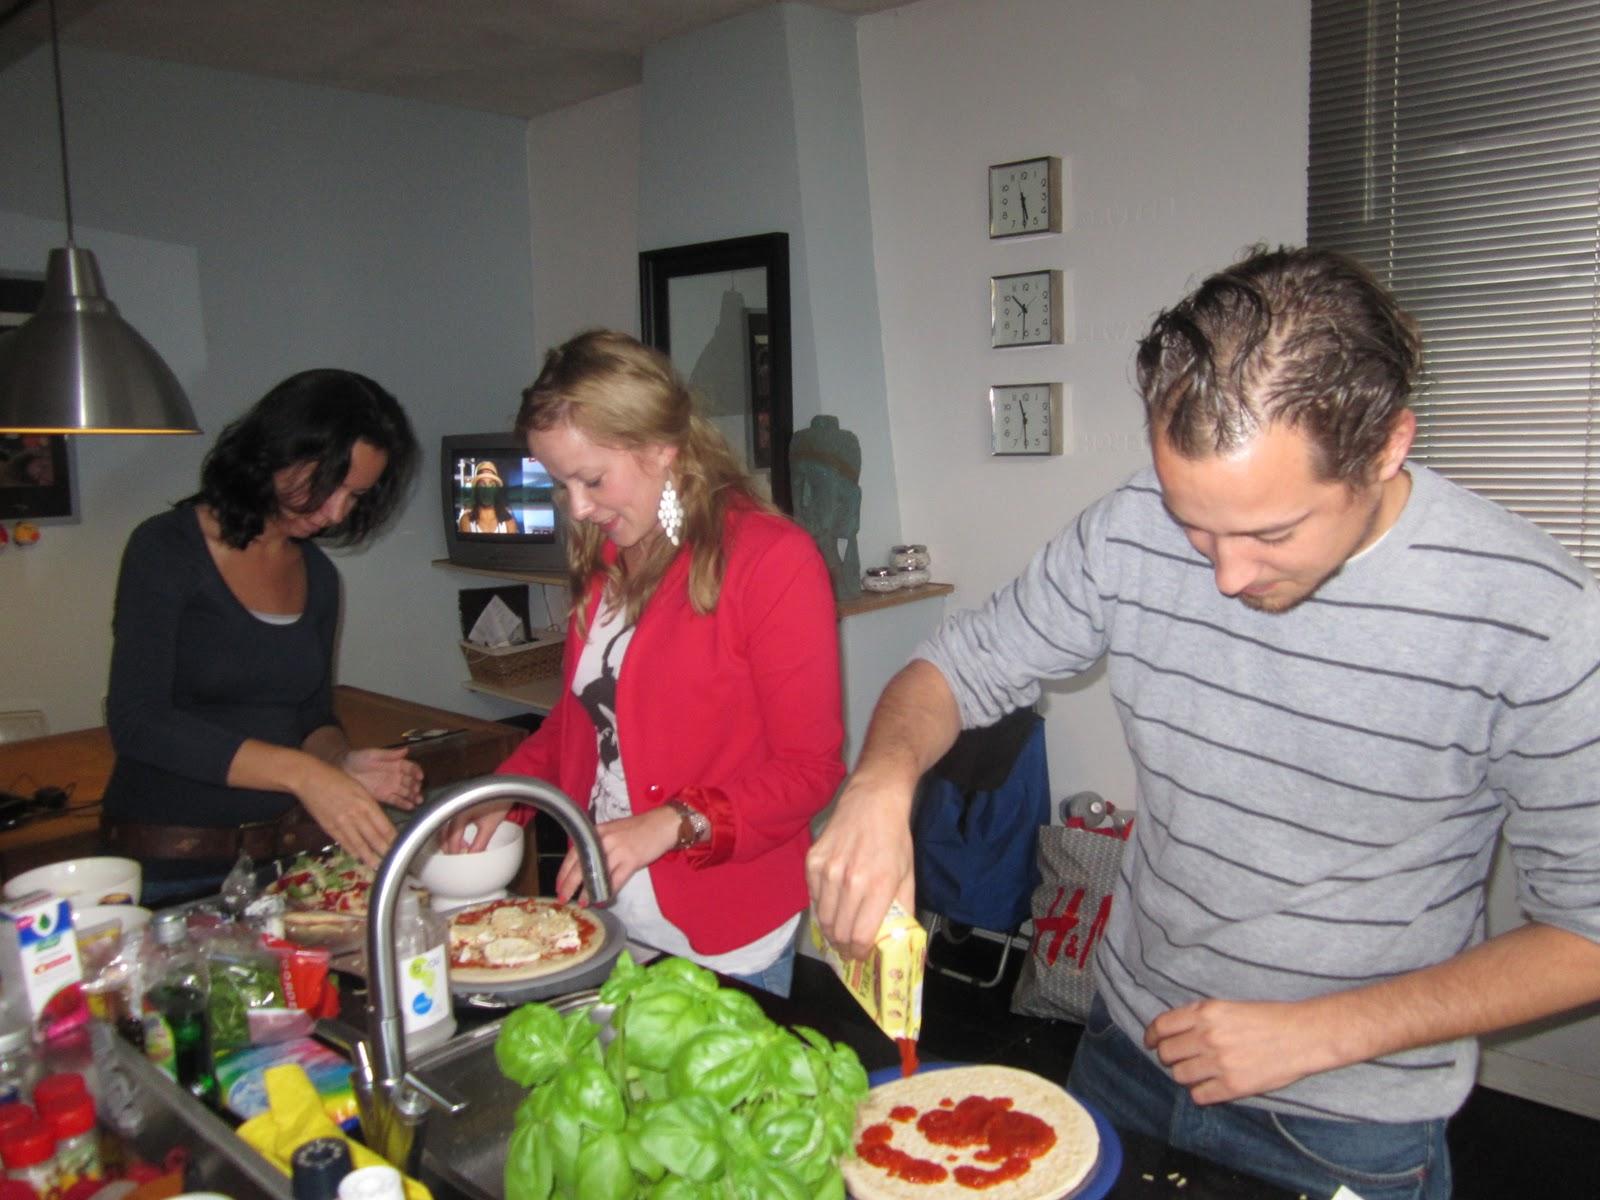 avondeten hoeren pijpbeurt in de buurt Arnhem